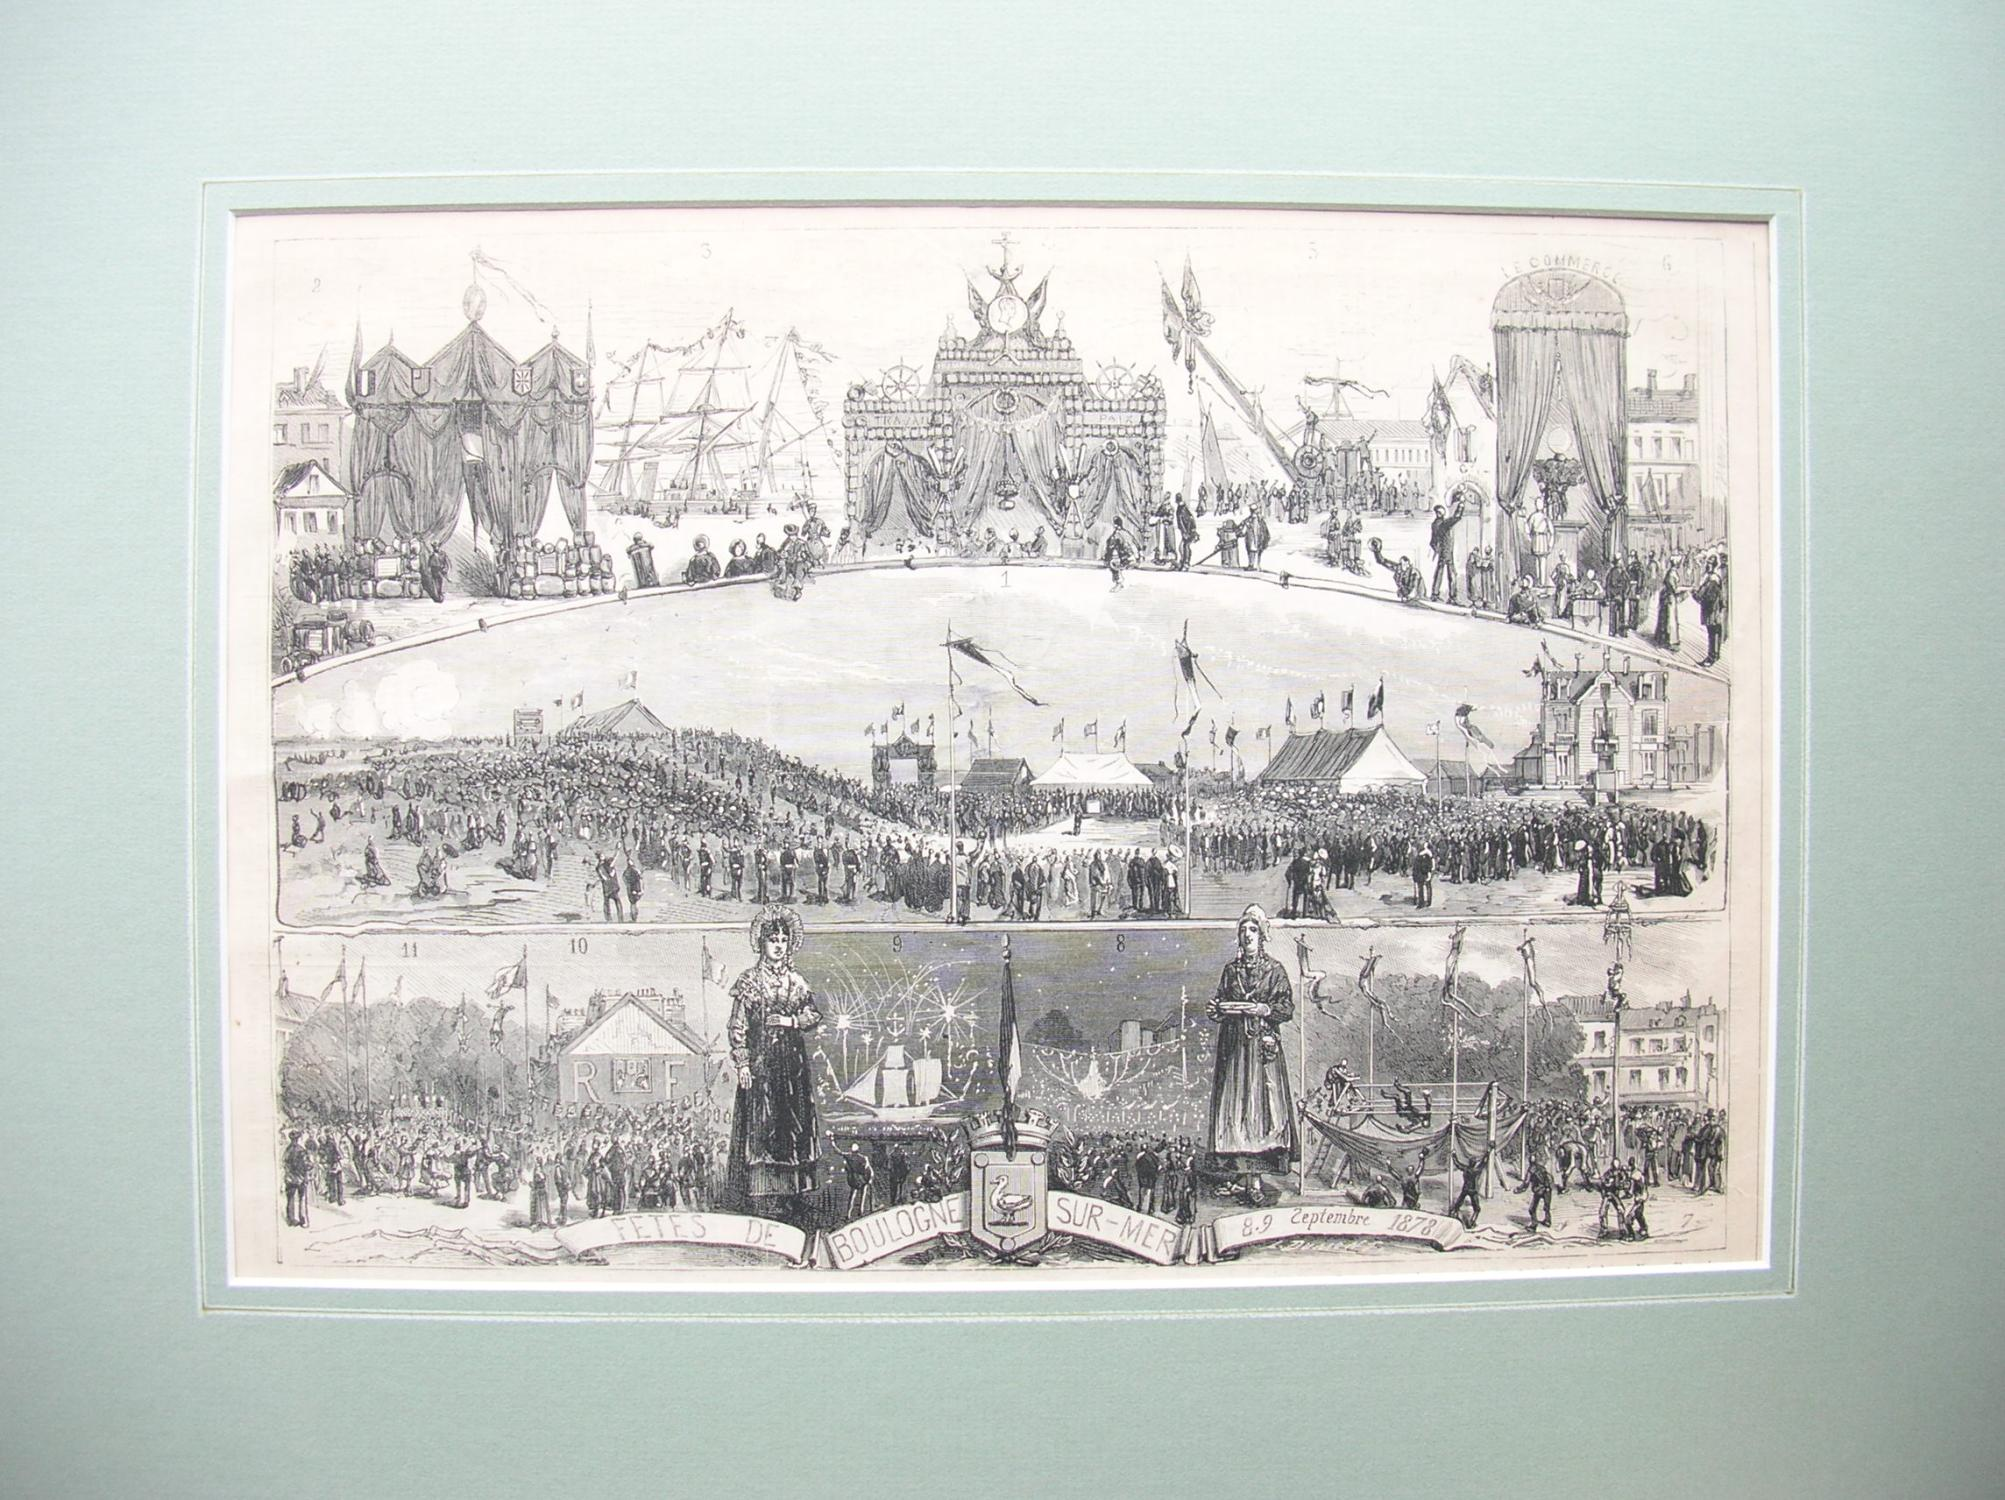 Fetes de Boulogne-sur-Mer, 8./9. Septembre 1878.: France, Frankreich)